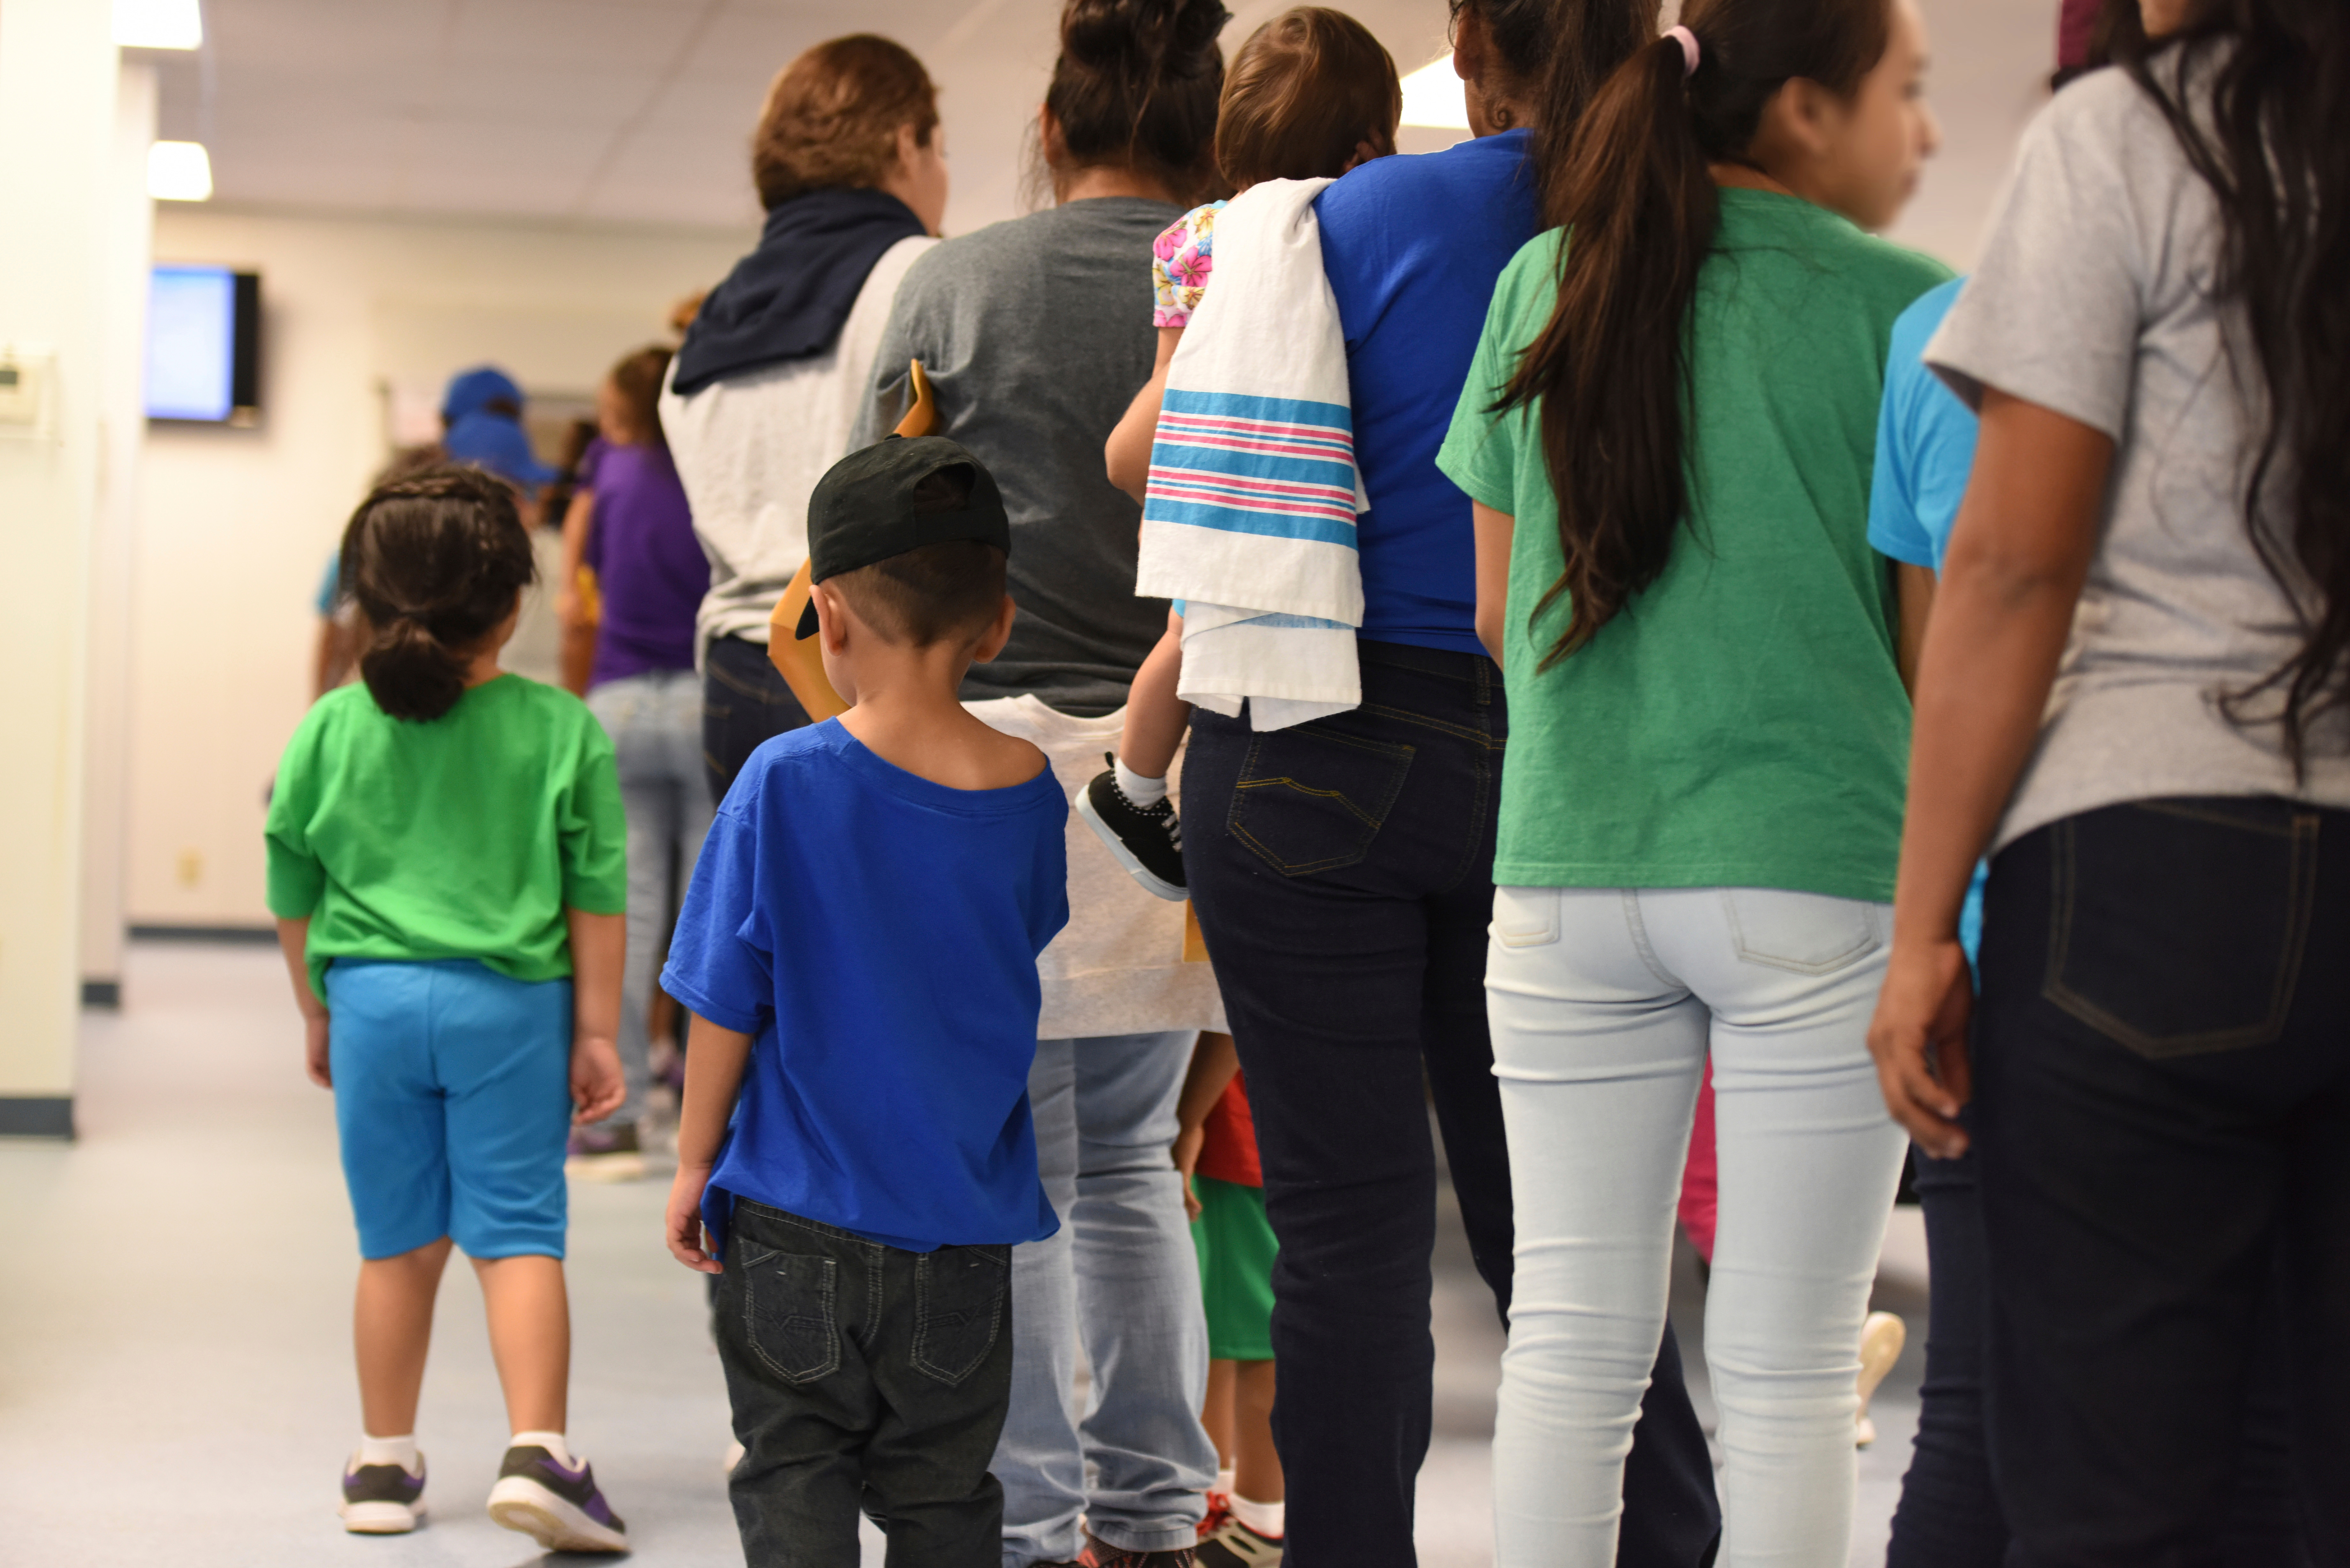 Niños migrantes detenidos en Dilley Texas